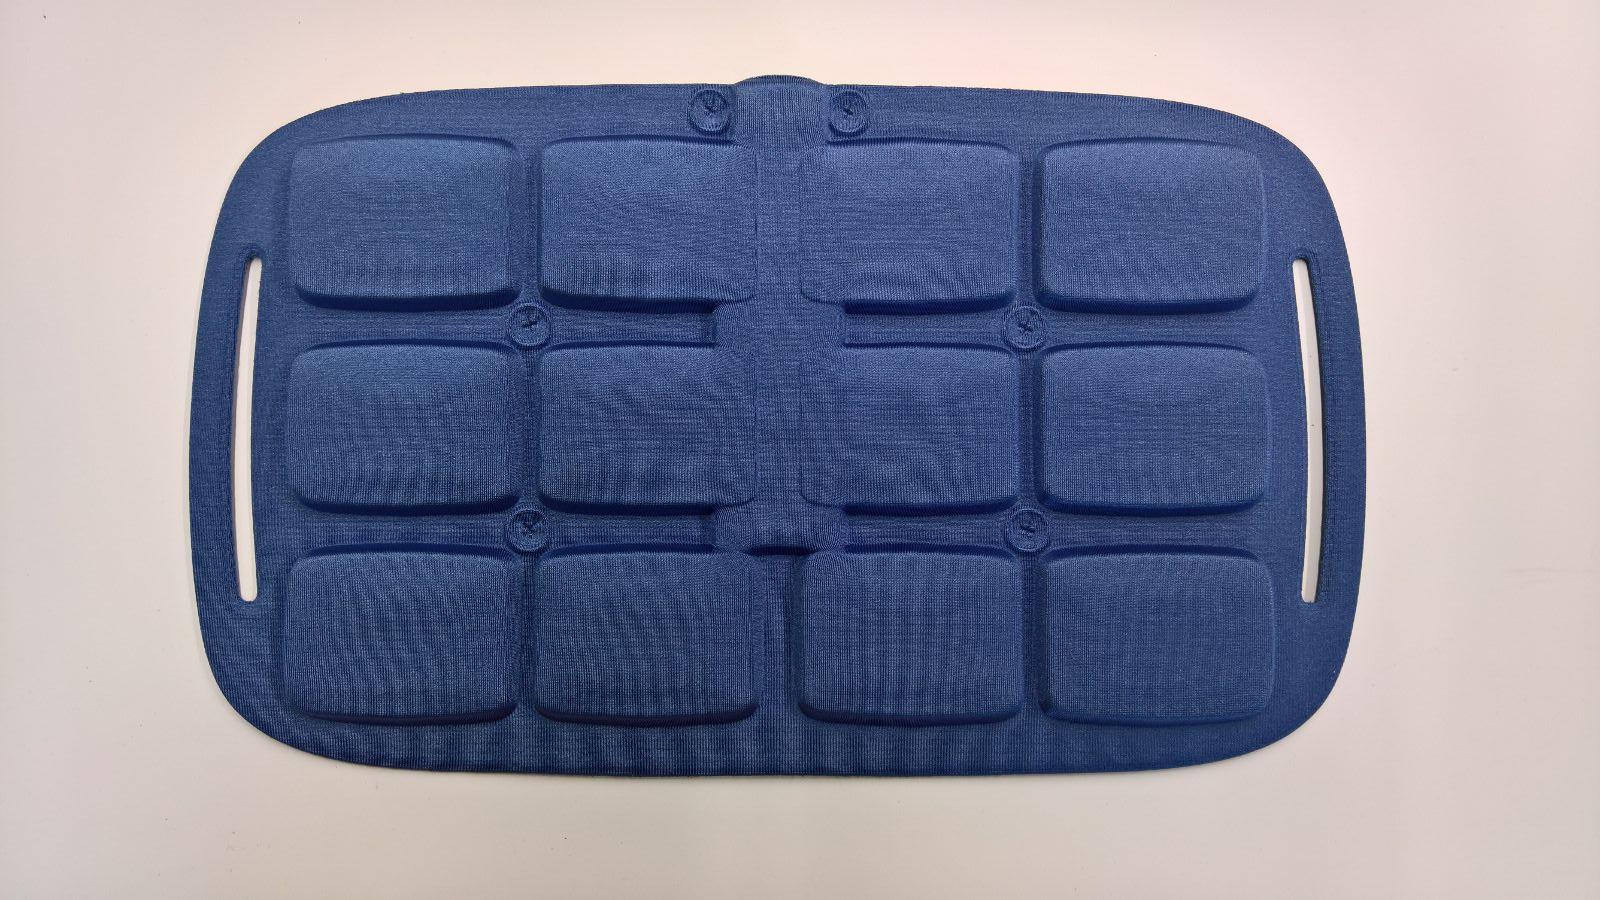 Cuscino termoformato per settore Medicale